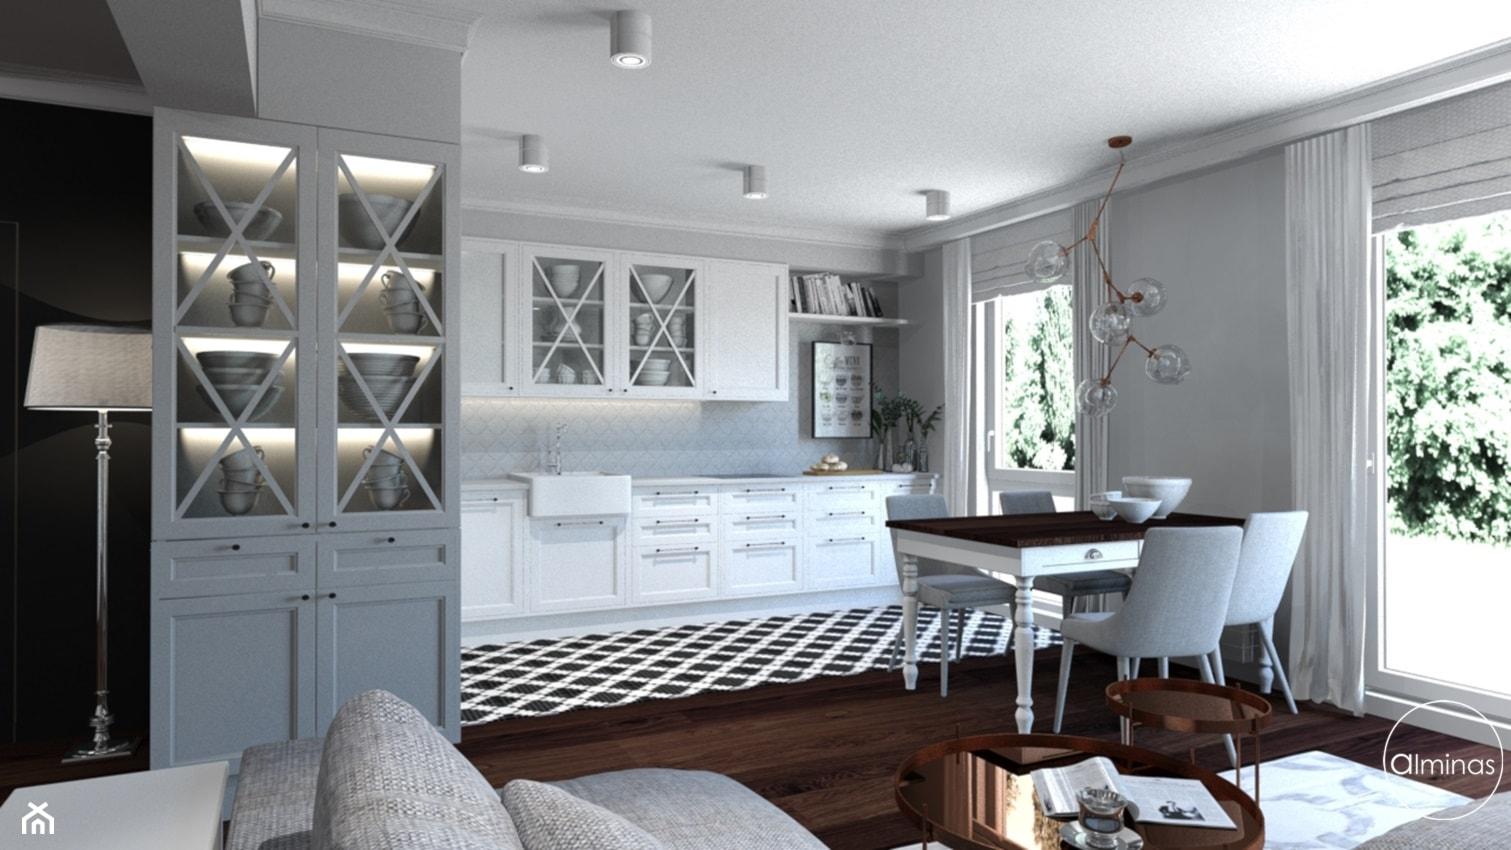 Klasyczna elegancja - Duża otwarta szara kuchnia jednorzędowa w aneksie z oknem, styl klasyczny - zdjęcie od ALMINAS WNĘTRZA - Homebook